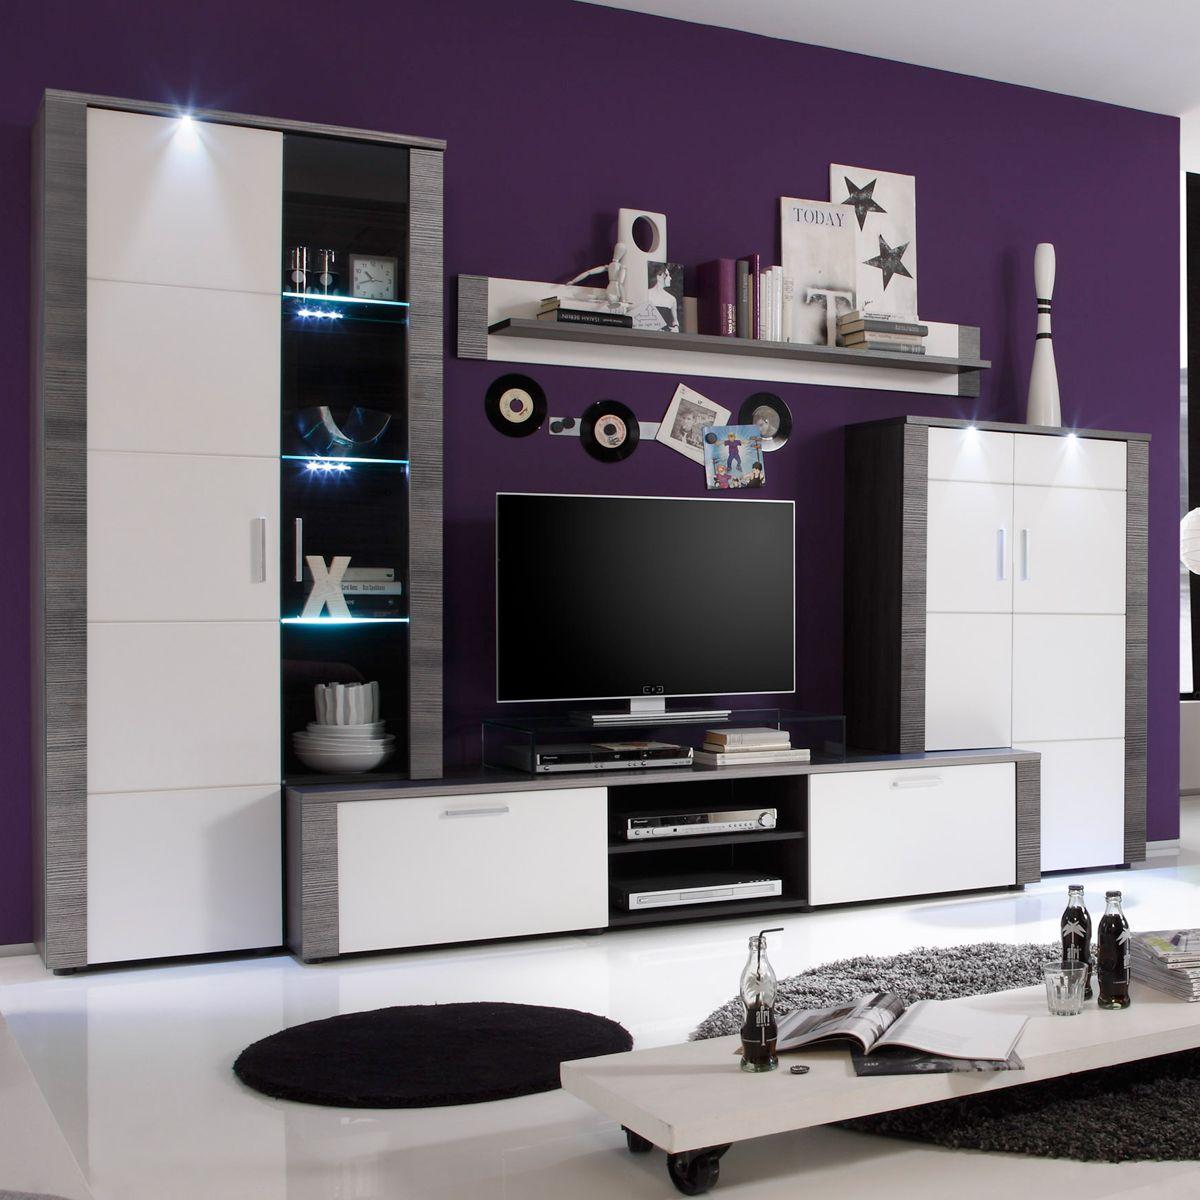 Ebay Angebot Wohnwand Wohnzimmer Anbauwand Xpress In Esche Grau Weiss Mit BeleuchtungIhr QuickBerater